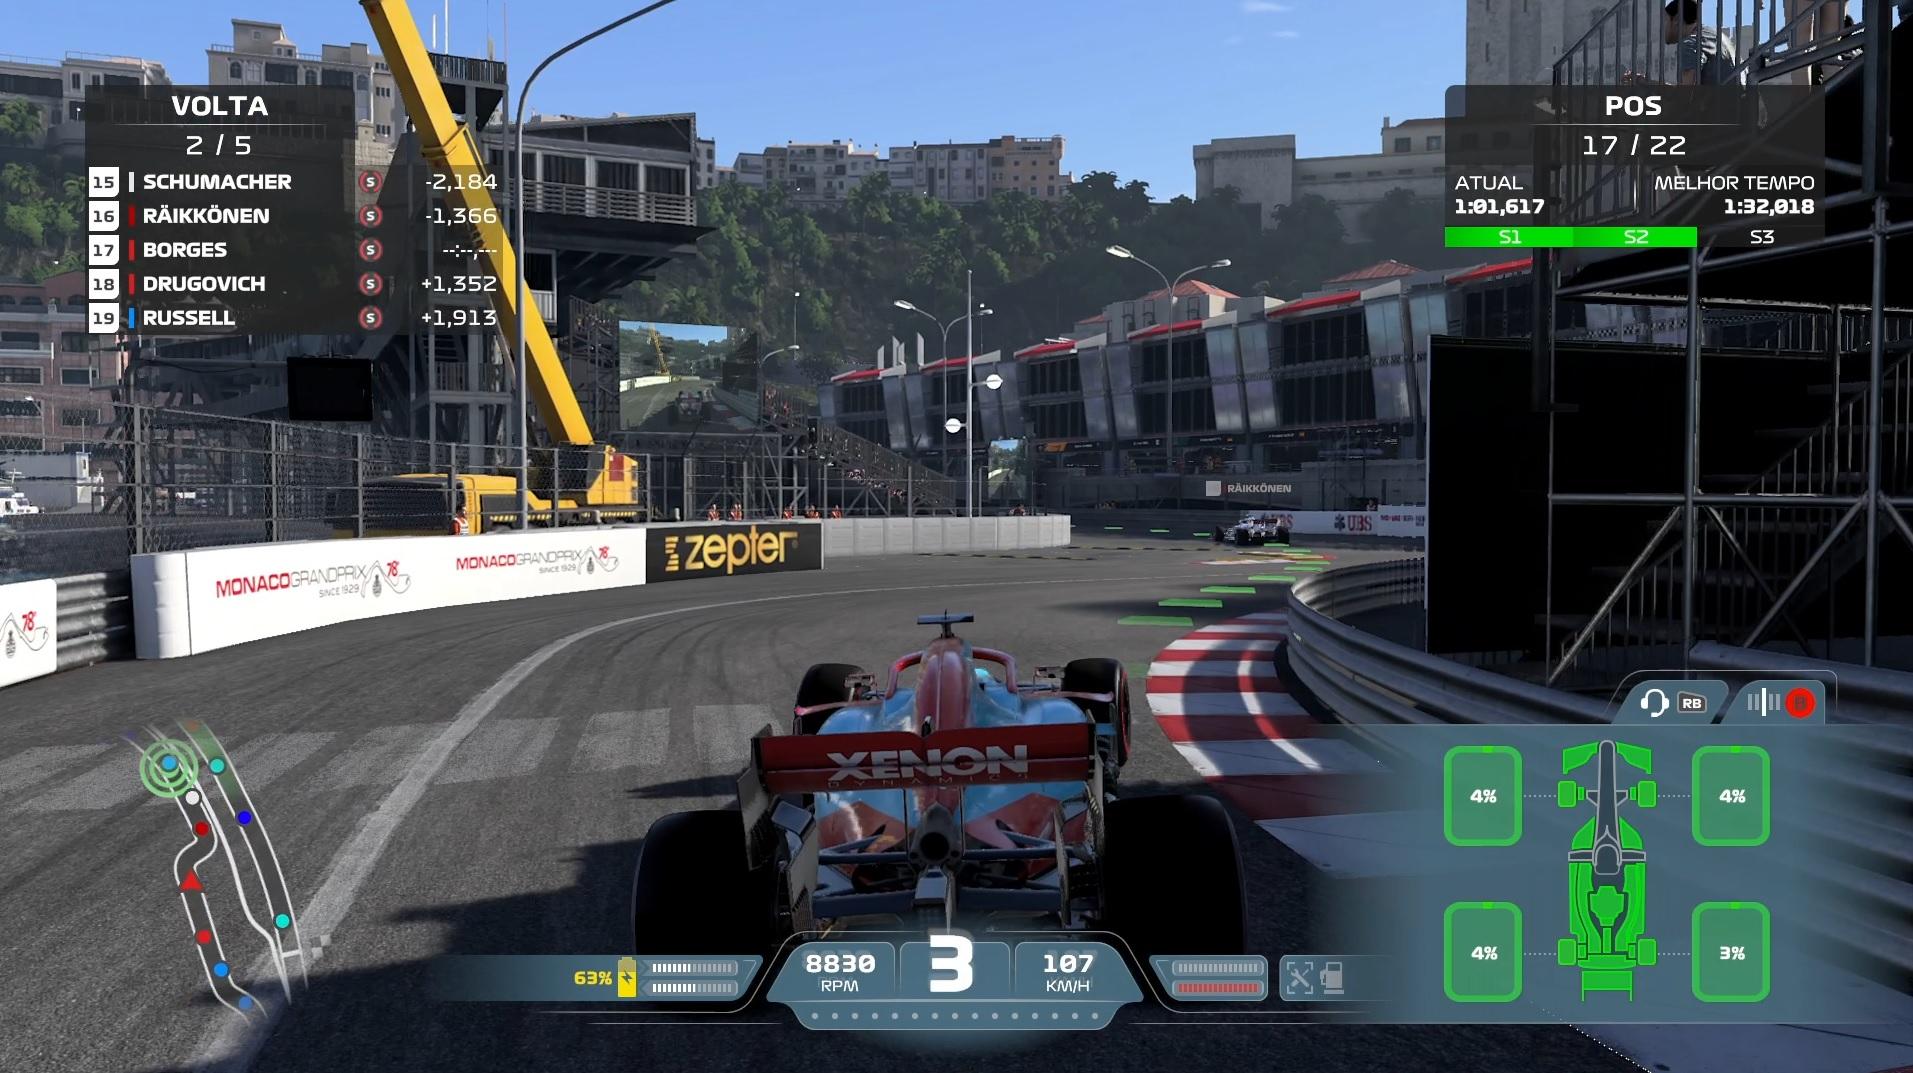 Por enquanto, F1 2021 traz apenas as pistas mais comuns das últimas temporadas